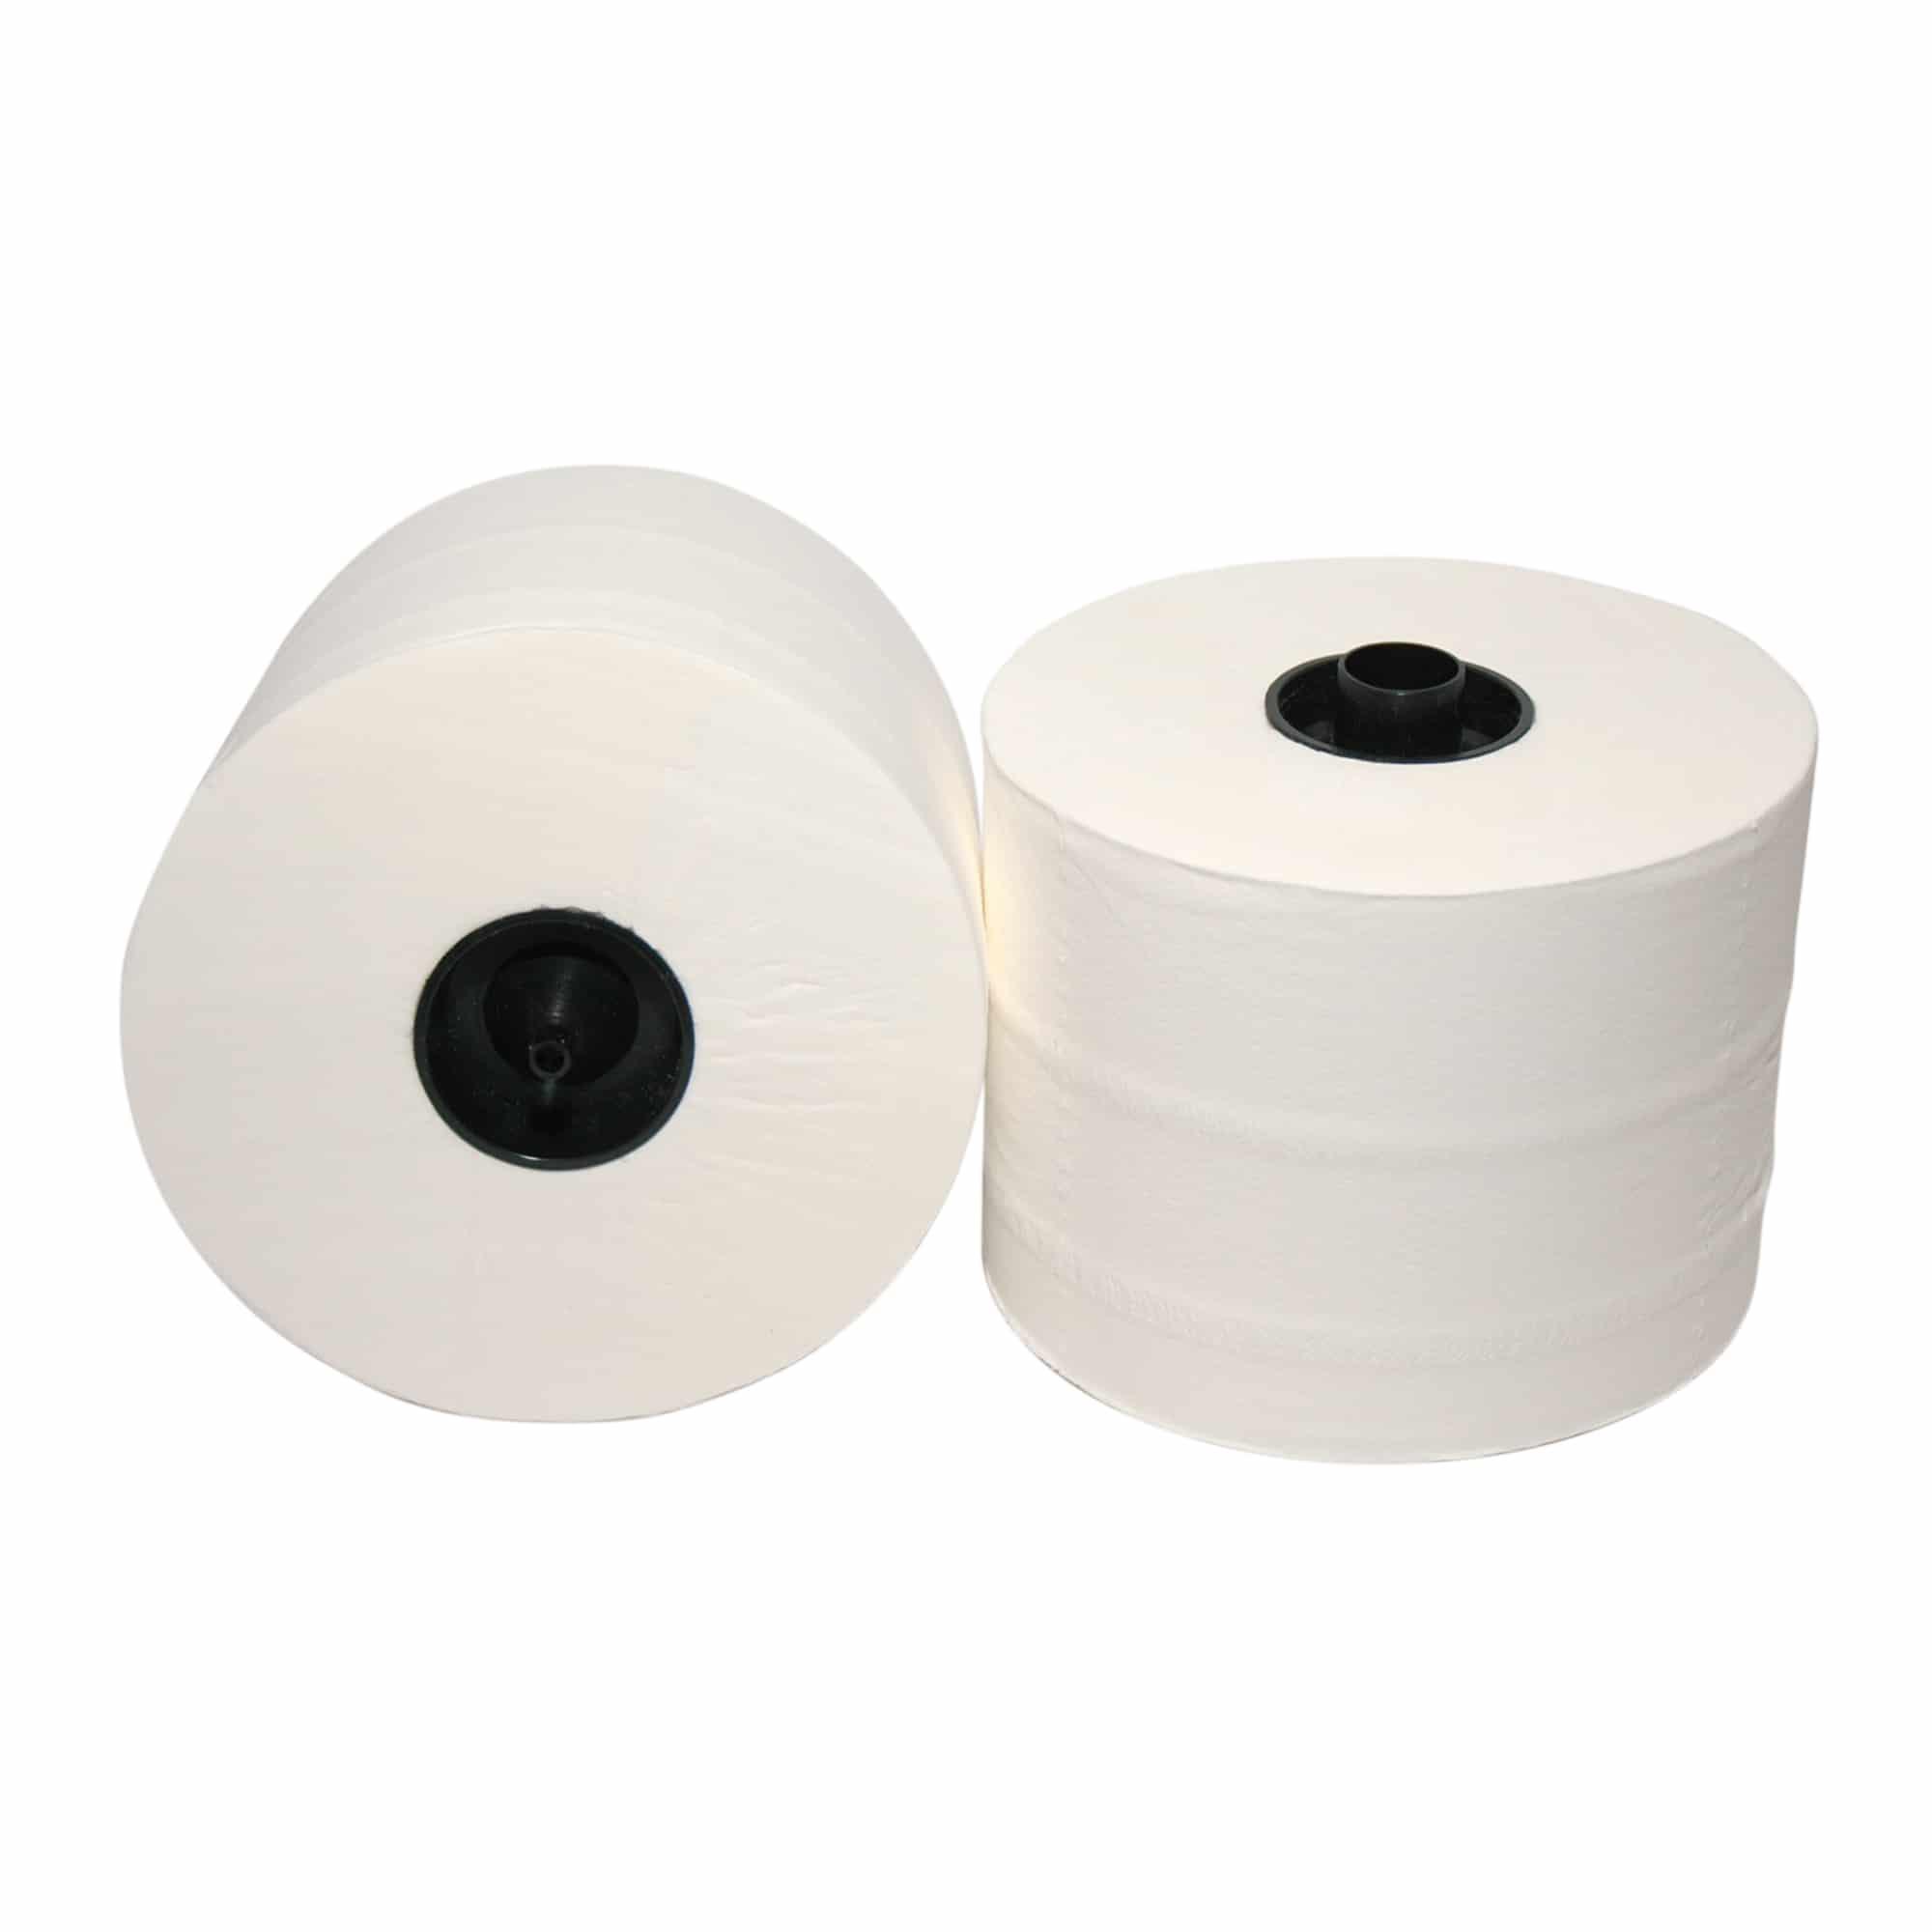 Toiletpapier cellulose met dop 3-laags - 65m (36 rollen)